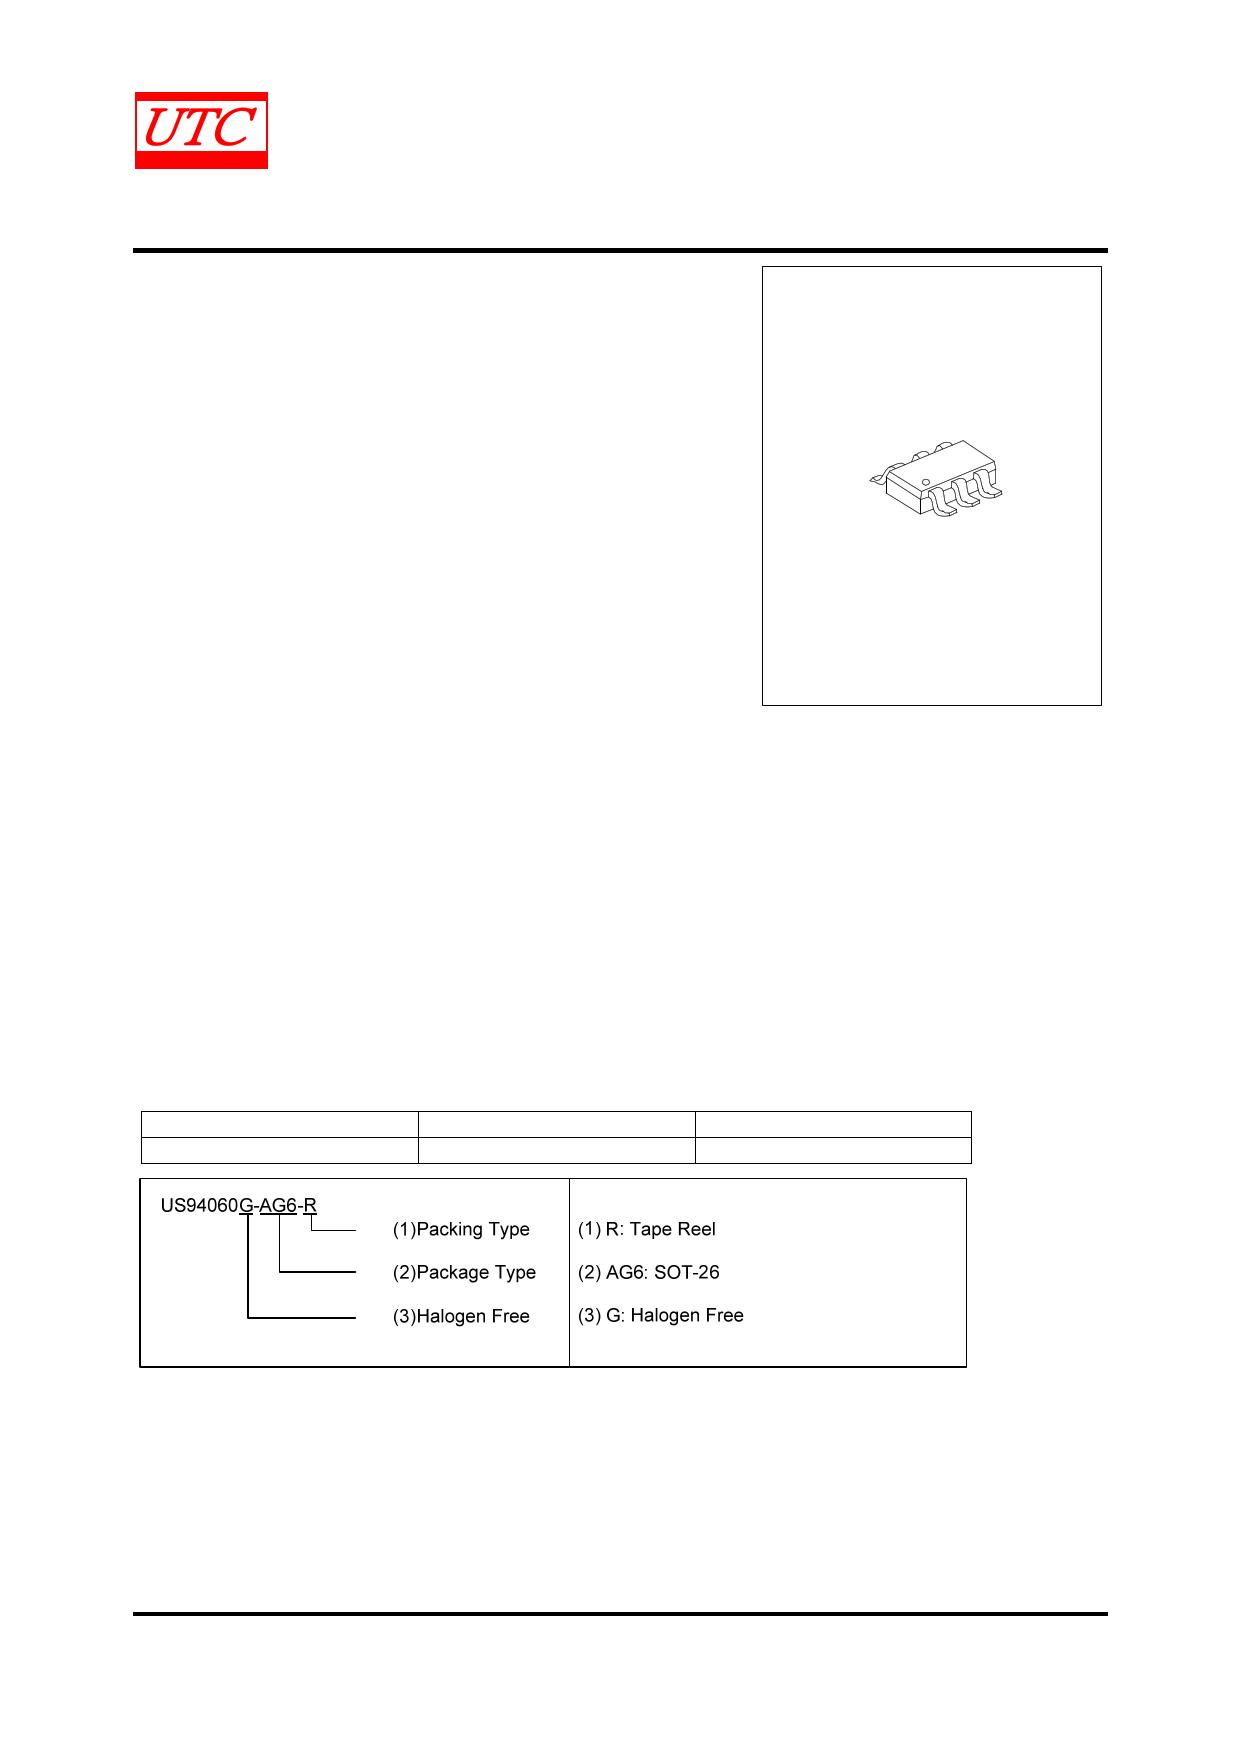 US94060 datasheet